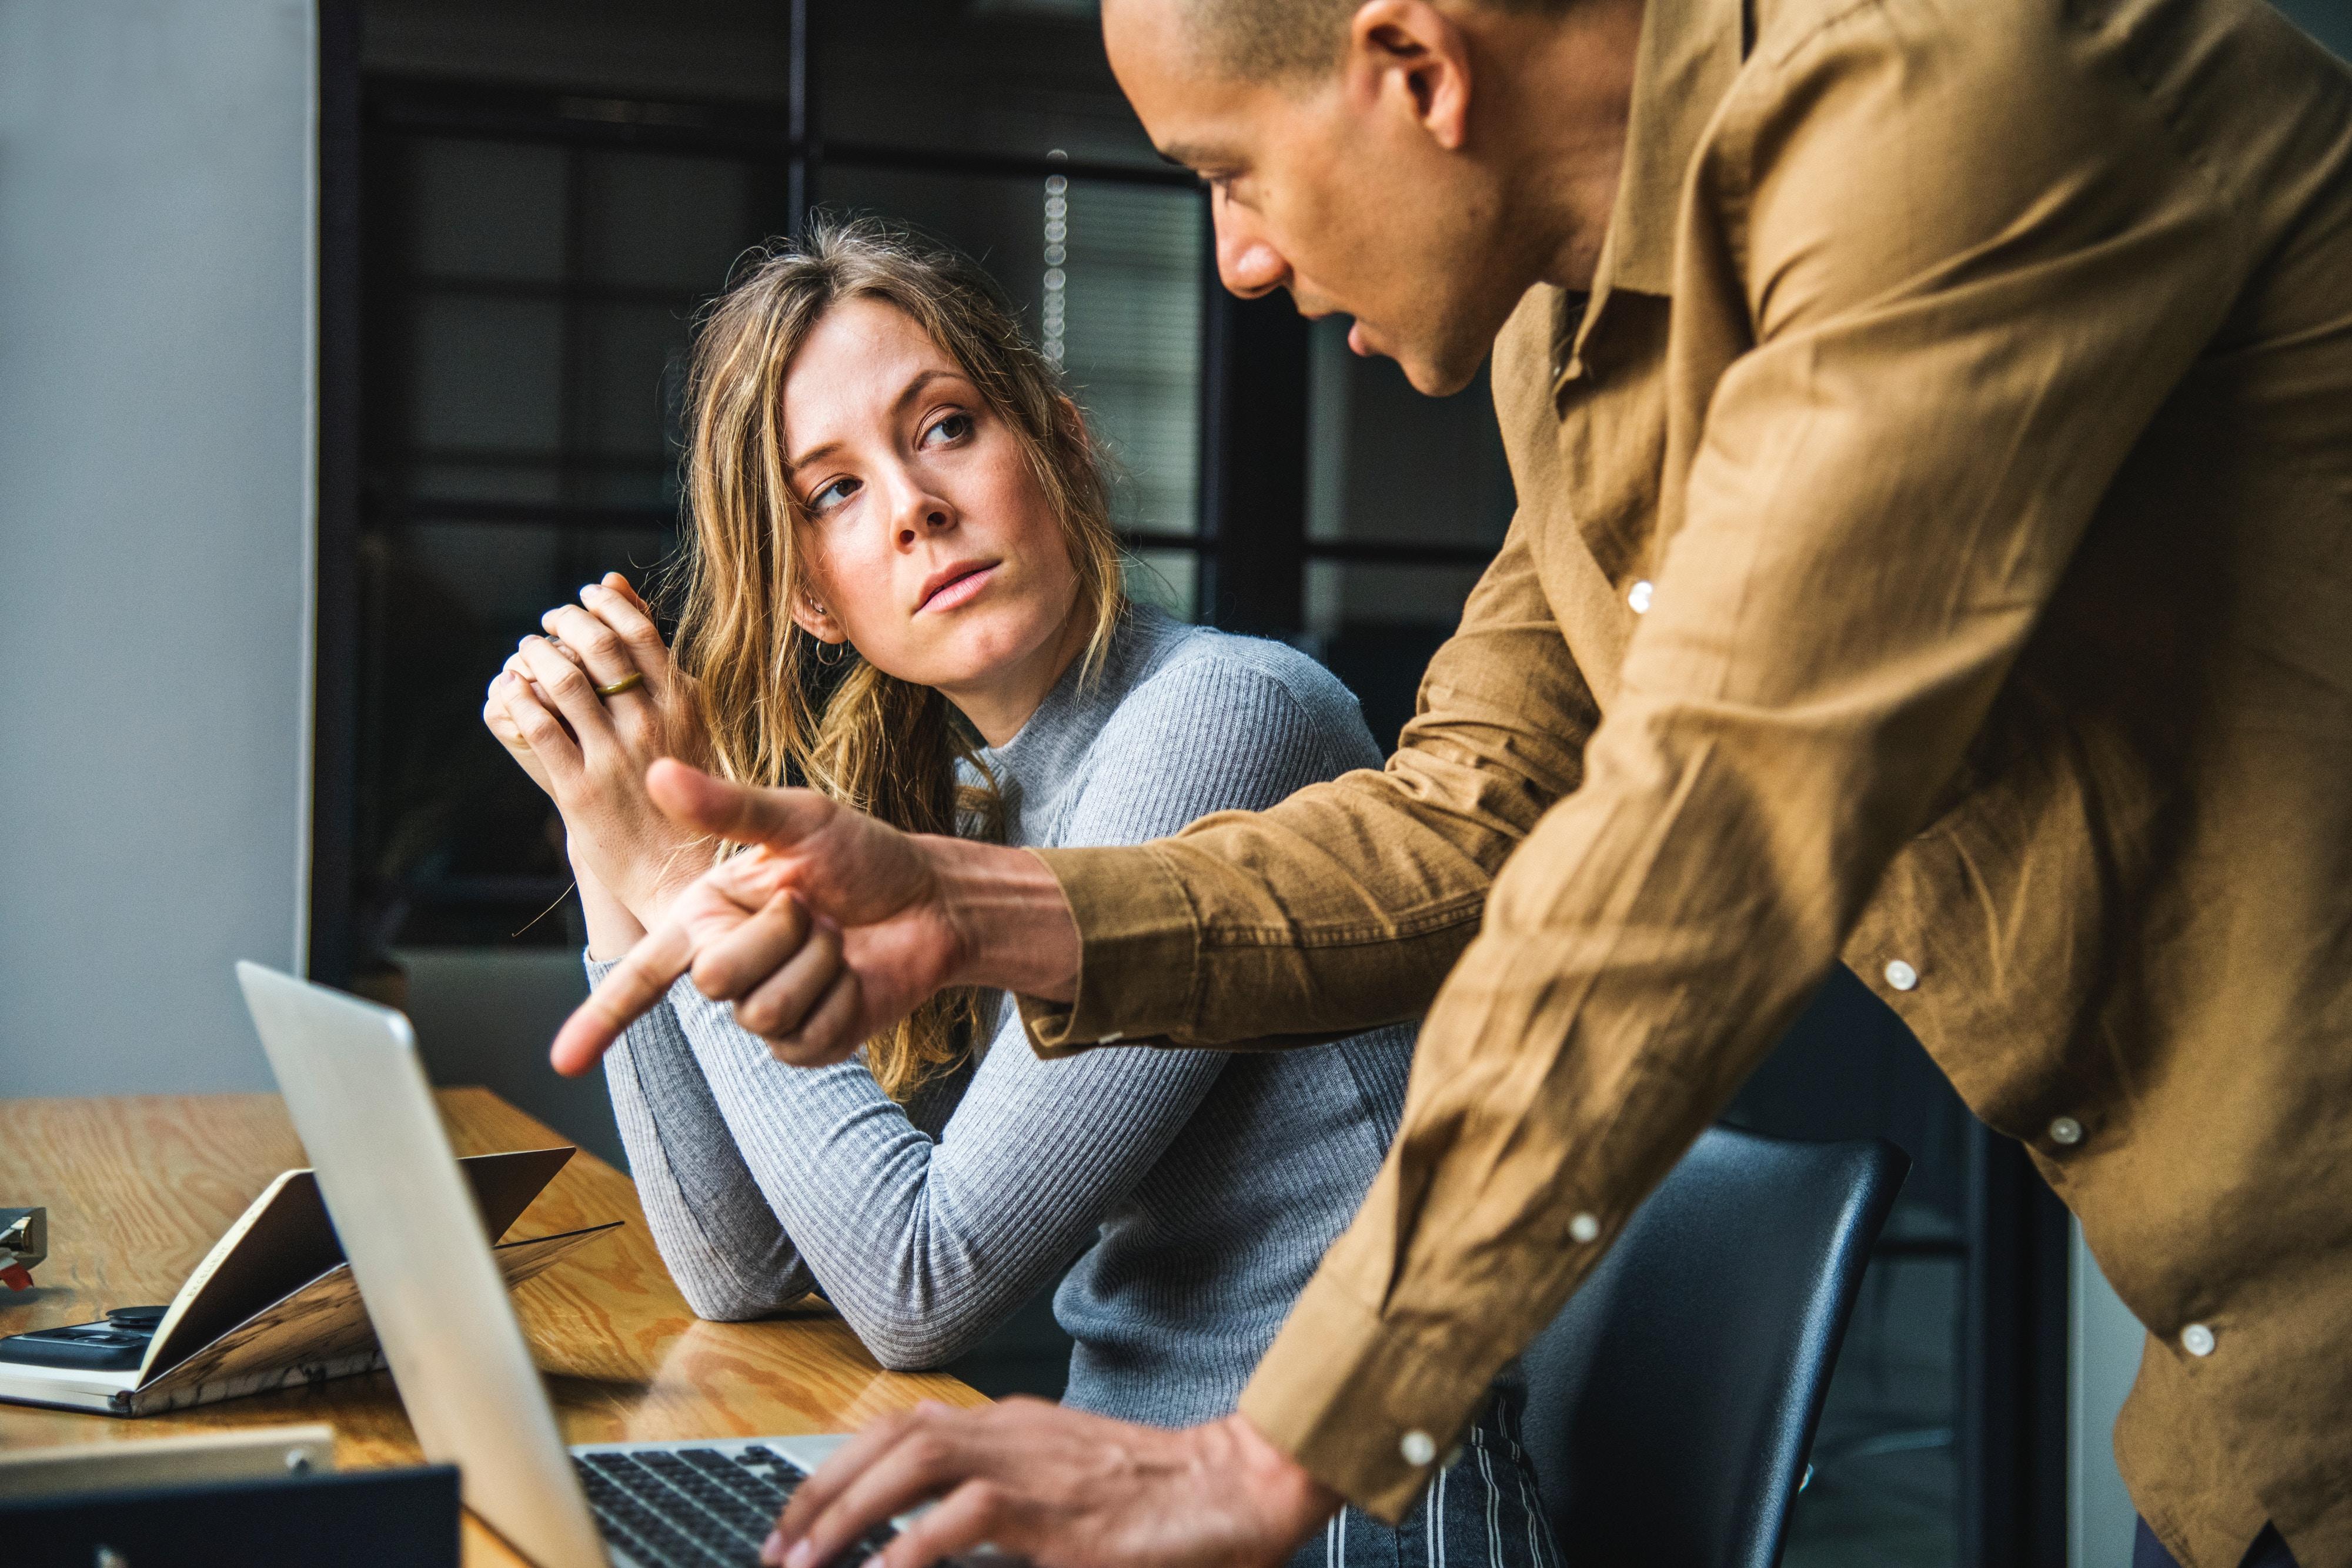 Die narzisstische Beziehung am Arbeitsplatz: Einer erniedrigt, der andere erhöht.